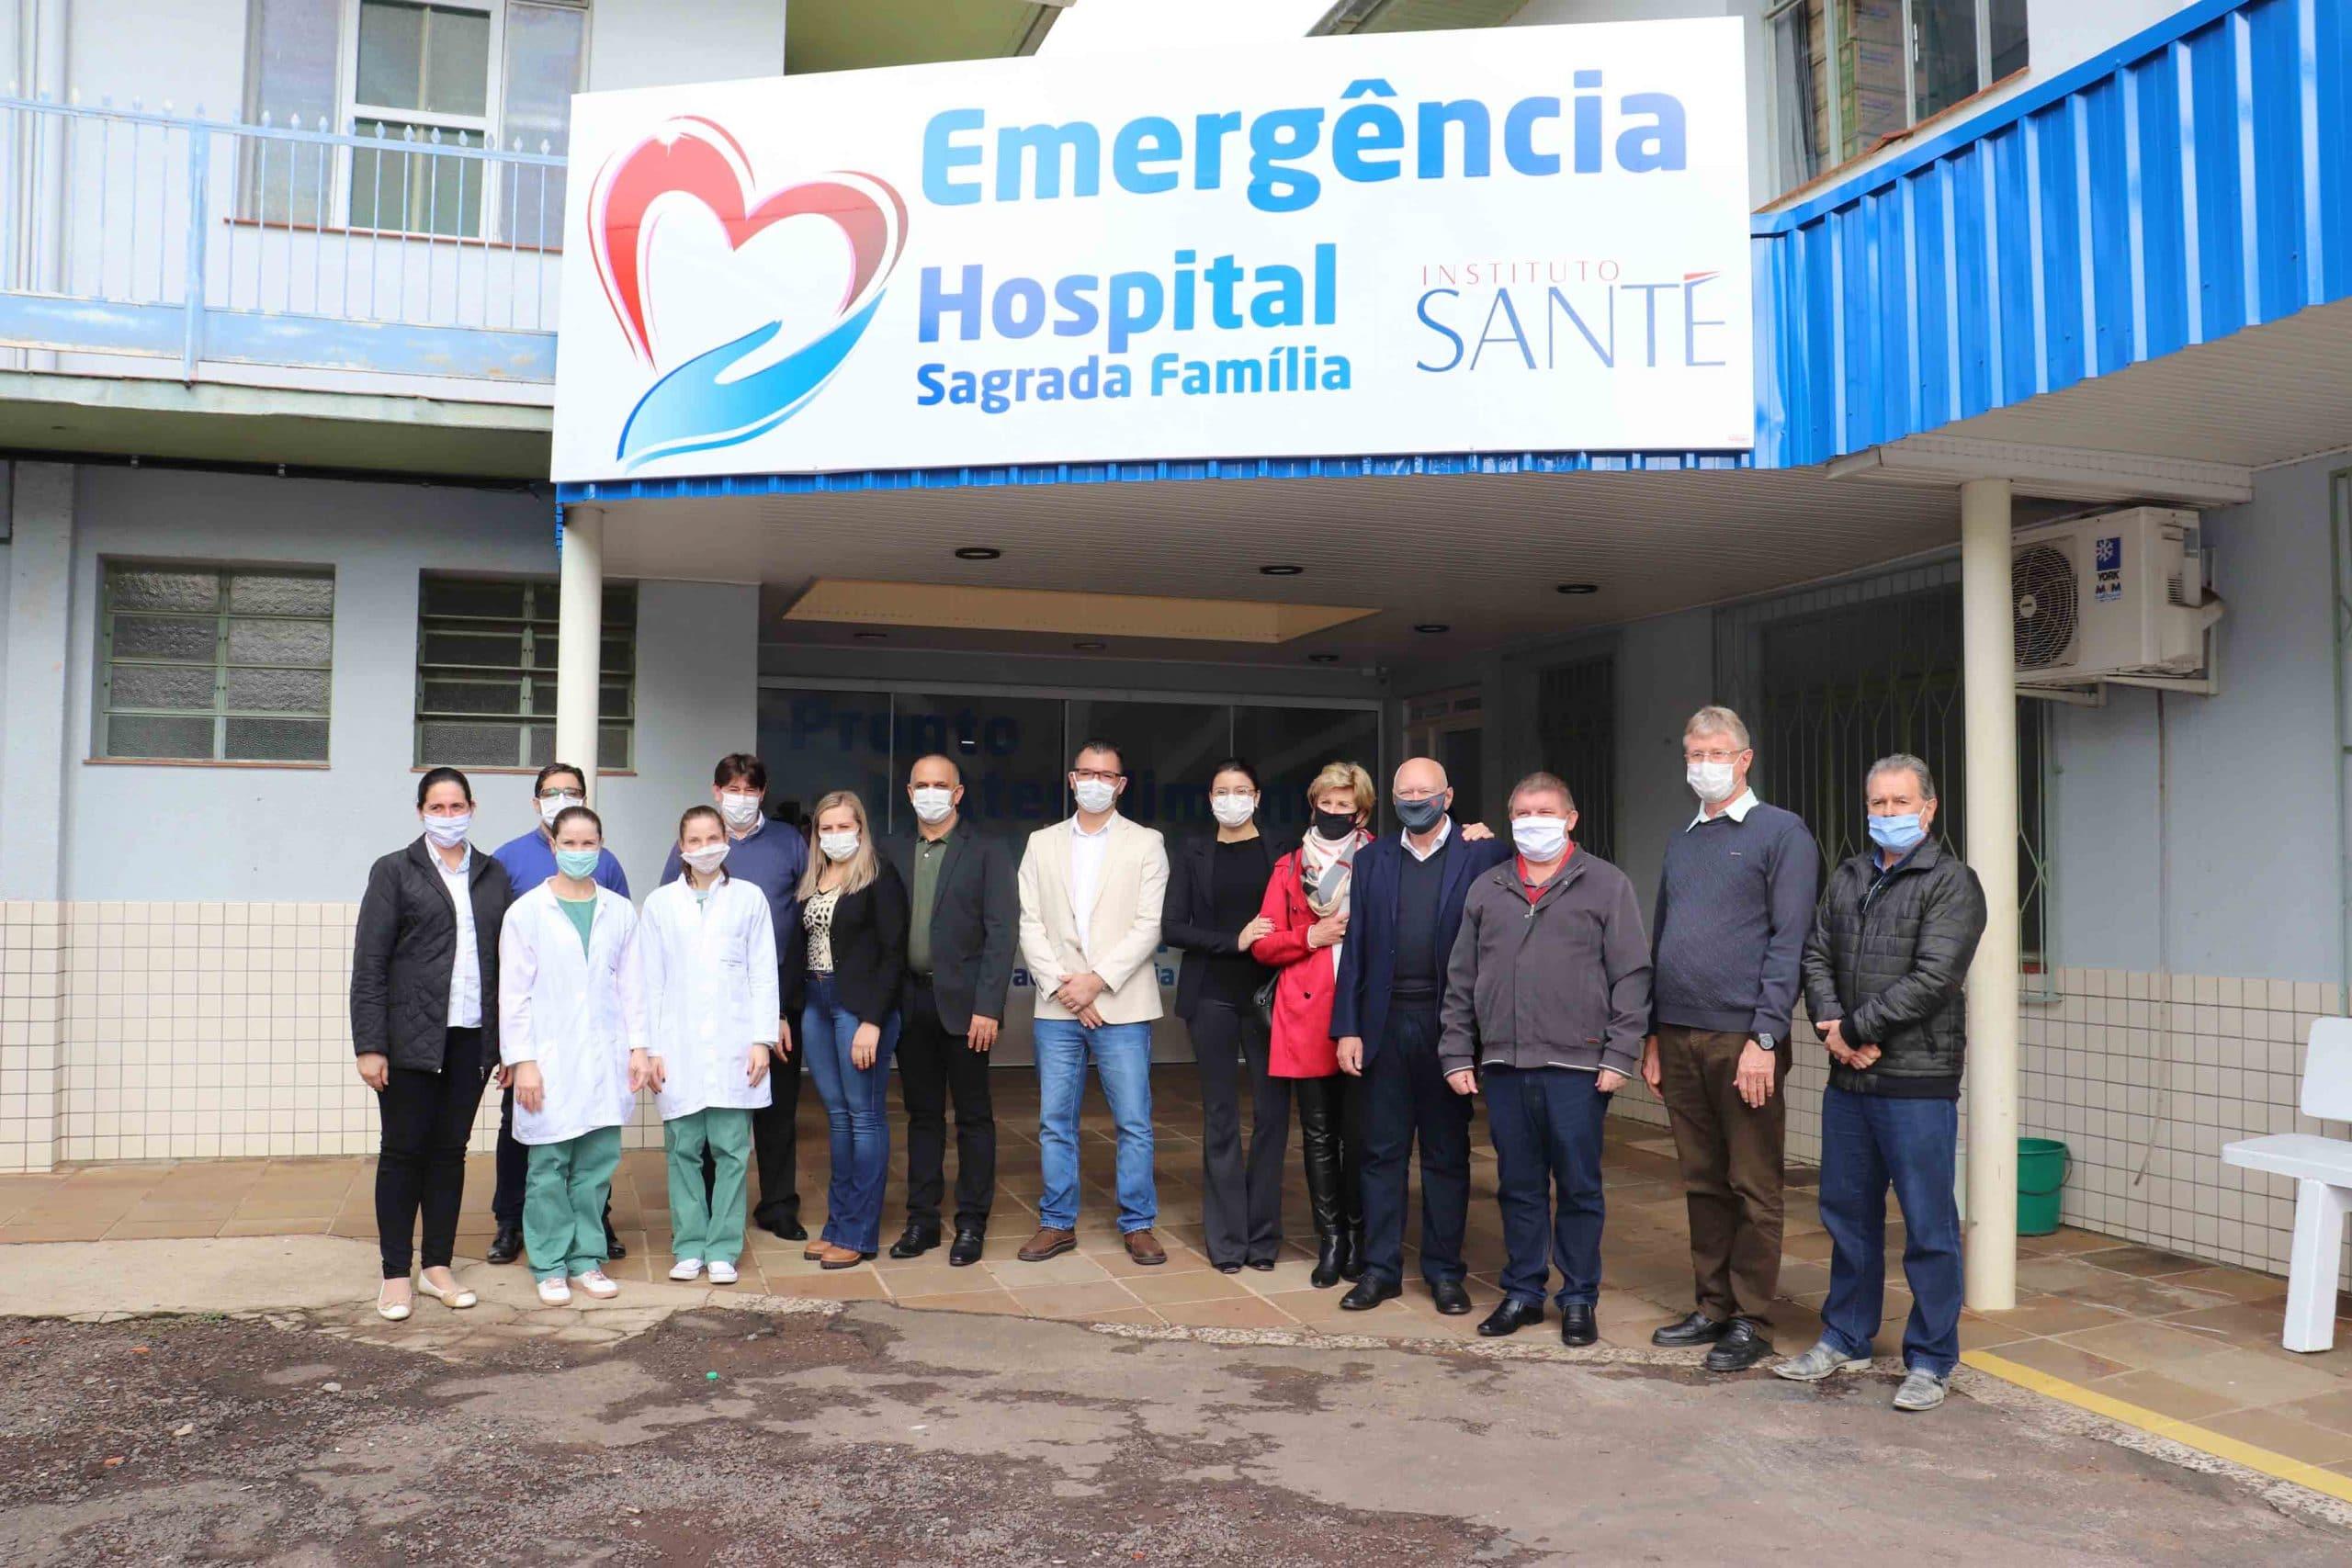 Santé assume a administração do Hospital Sagrada Família de Itapiranga